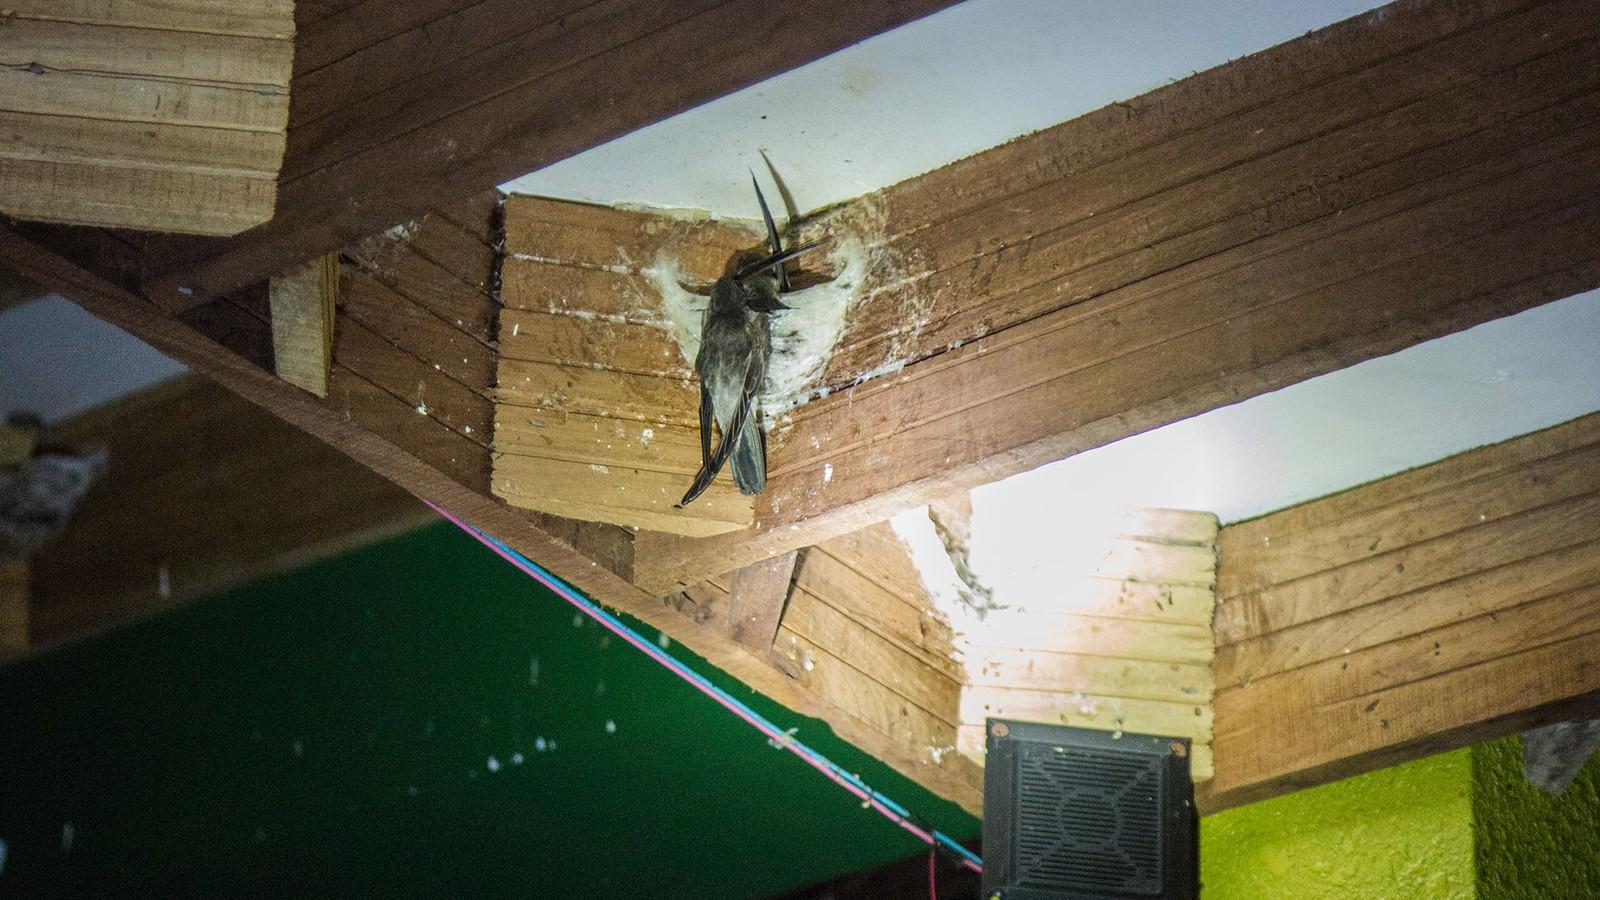 Le nid d'oiseau comestible : un business crado qui peut rapporter gros